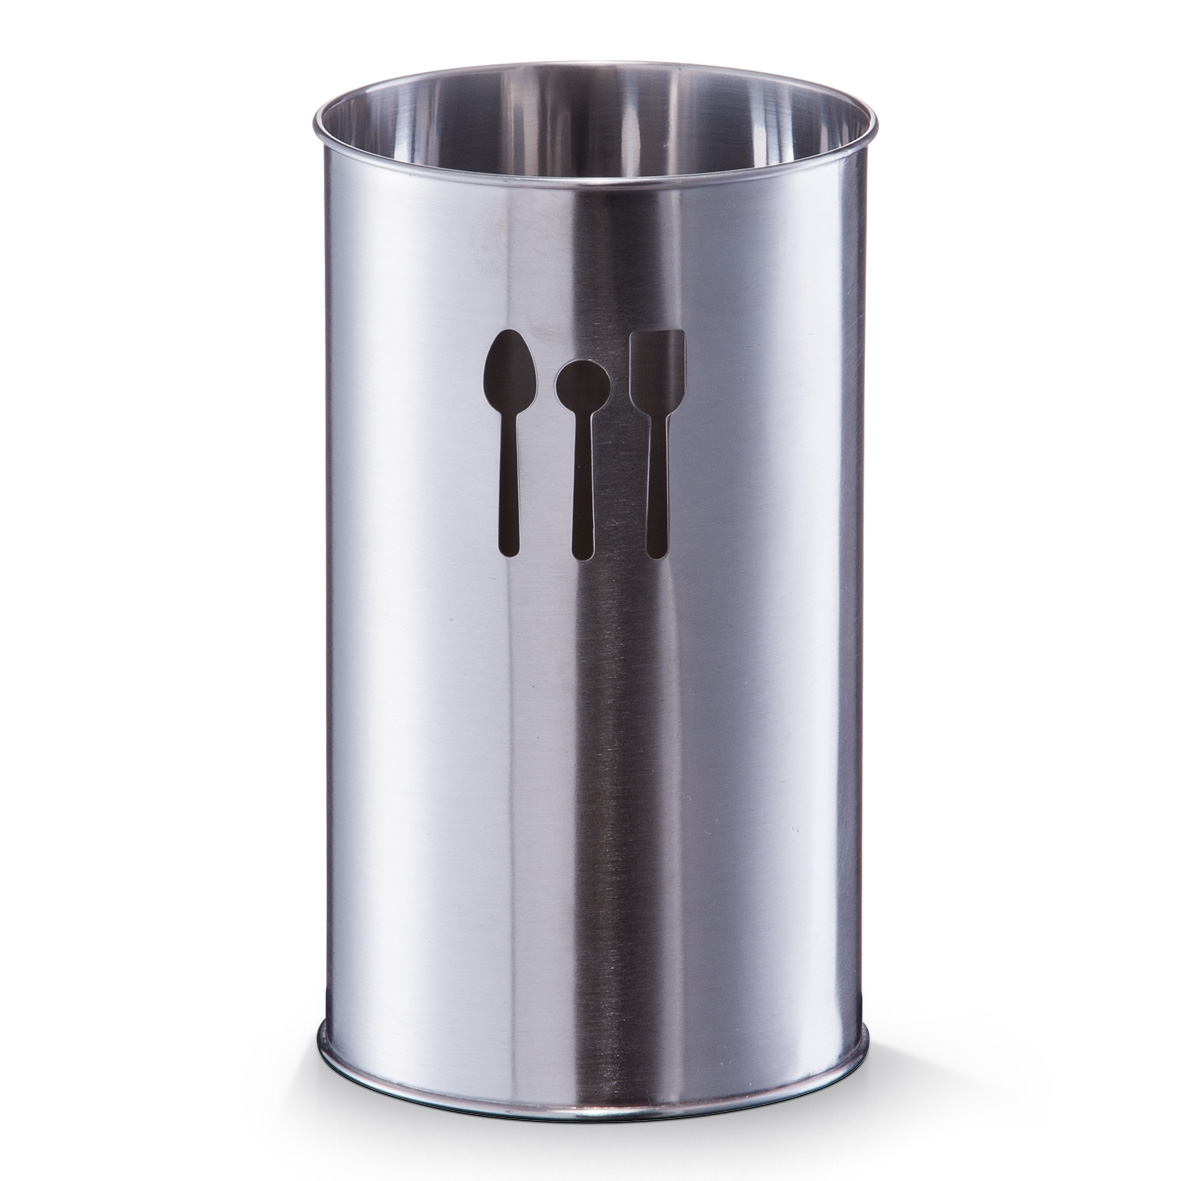 Suport metalic pentru ustensile de bucatarie Silver Crom, Ø10xH18,5 cm imagine